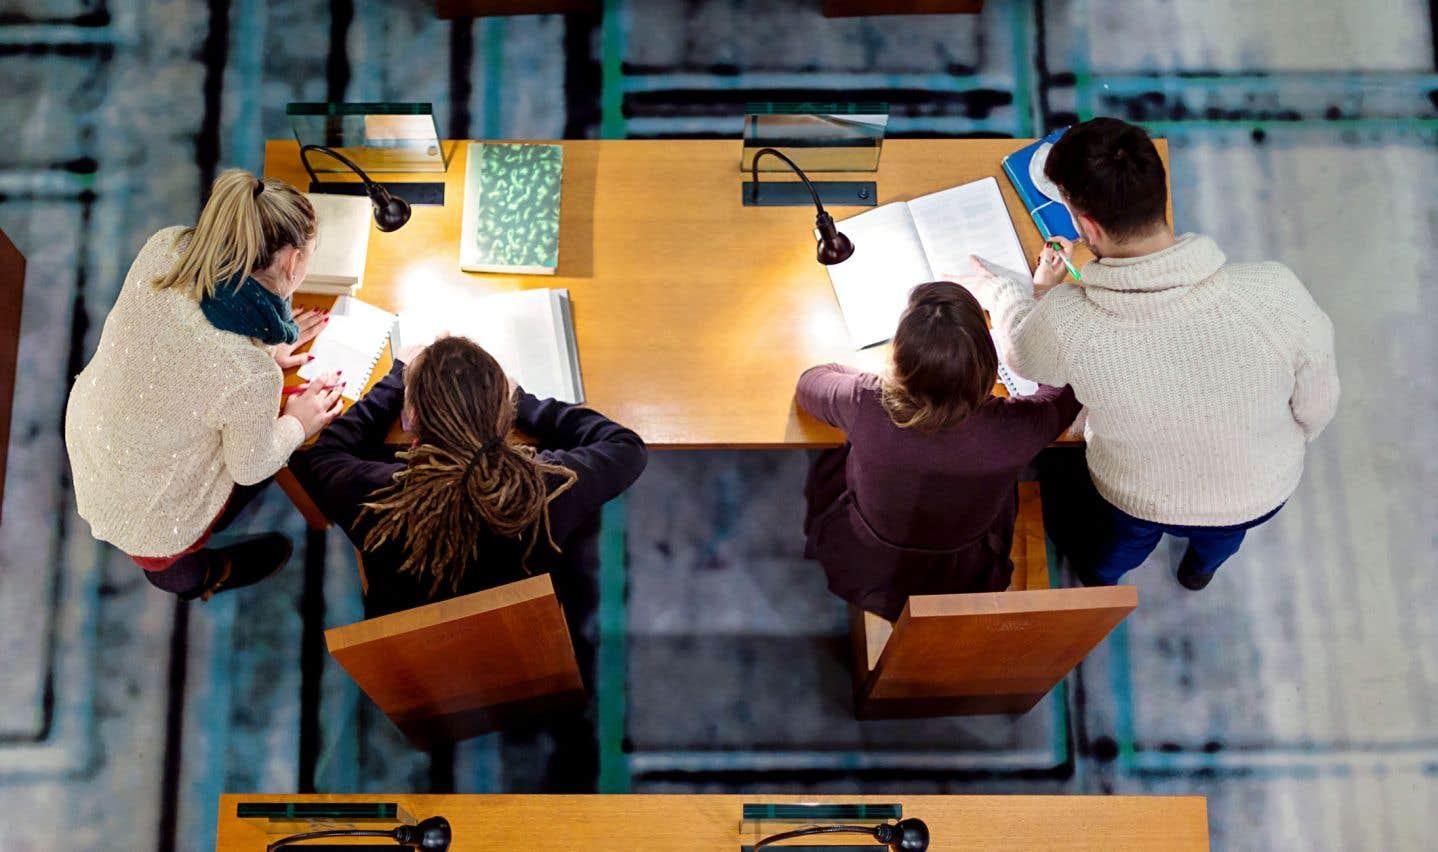 Chaque année, ce sont au moins 50000 étudiants étrangers qui découvrent le Québec grâce aux événements organisés par les membres de l'AIEQ dans les universités étrangères, souligne l'auteur.